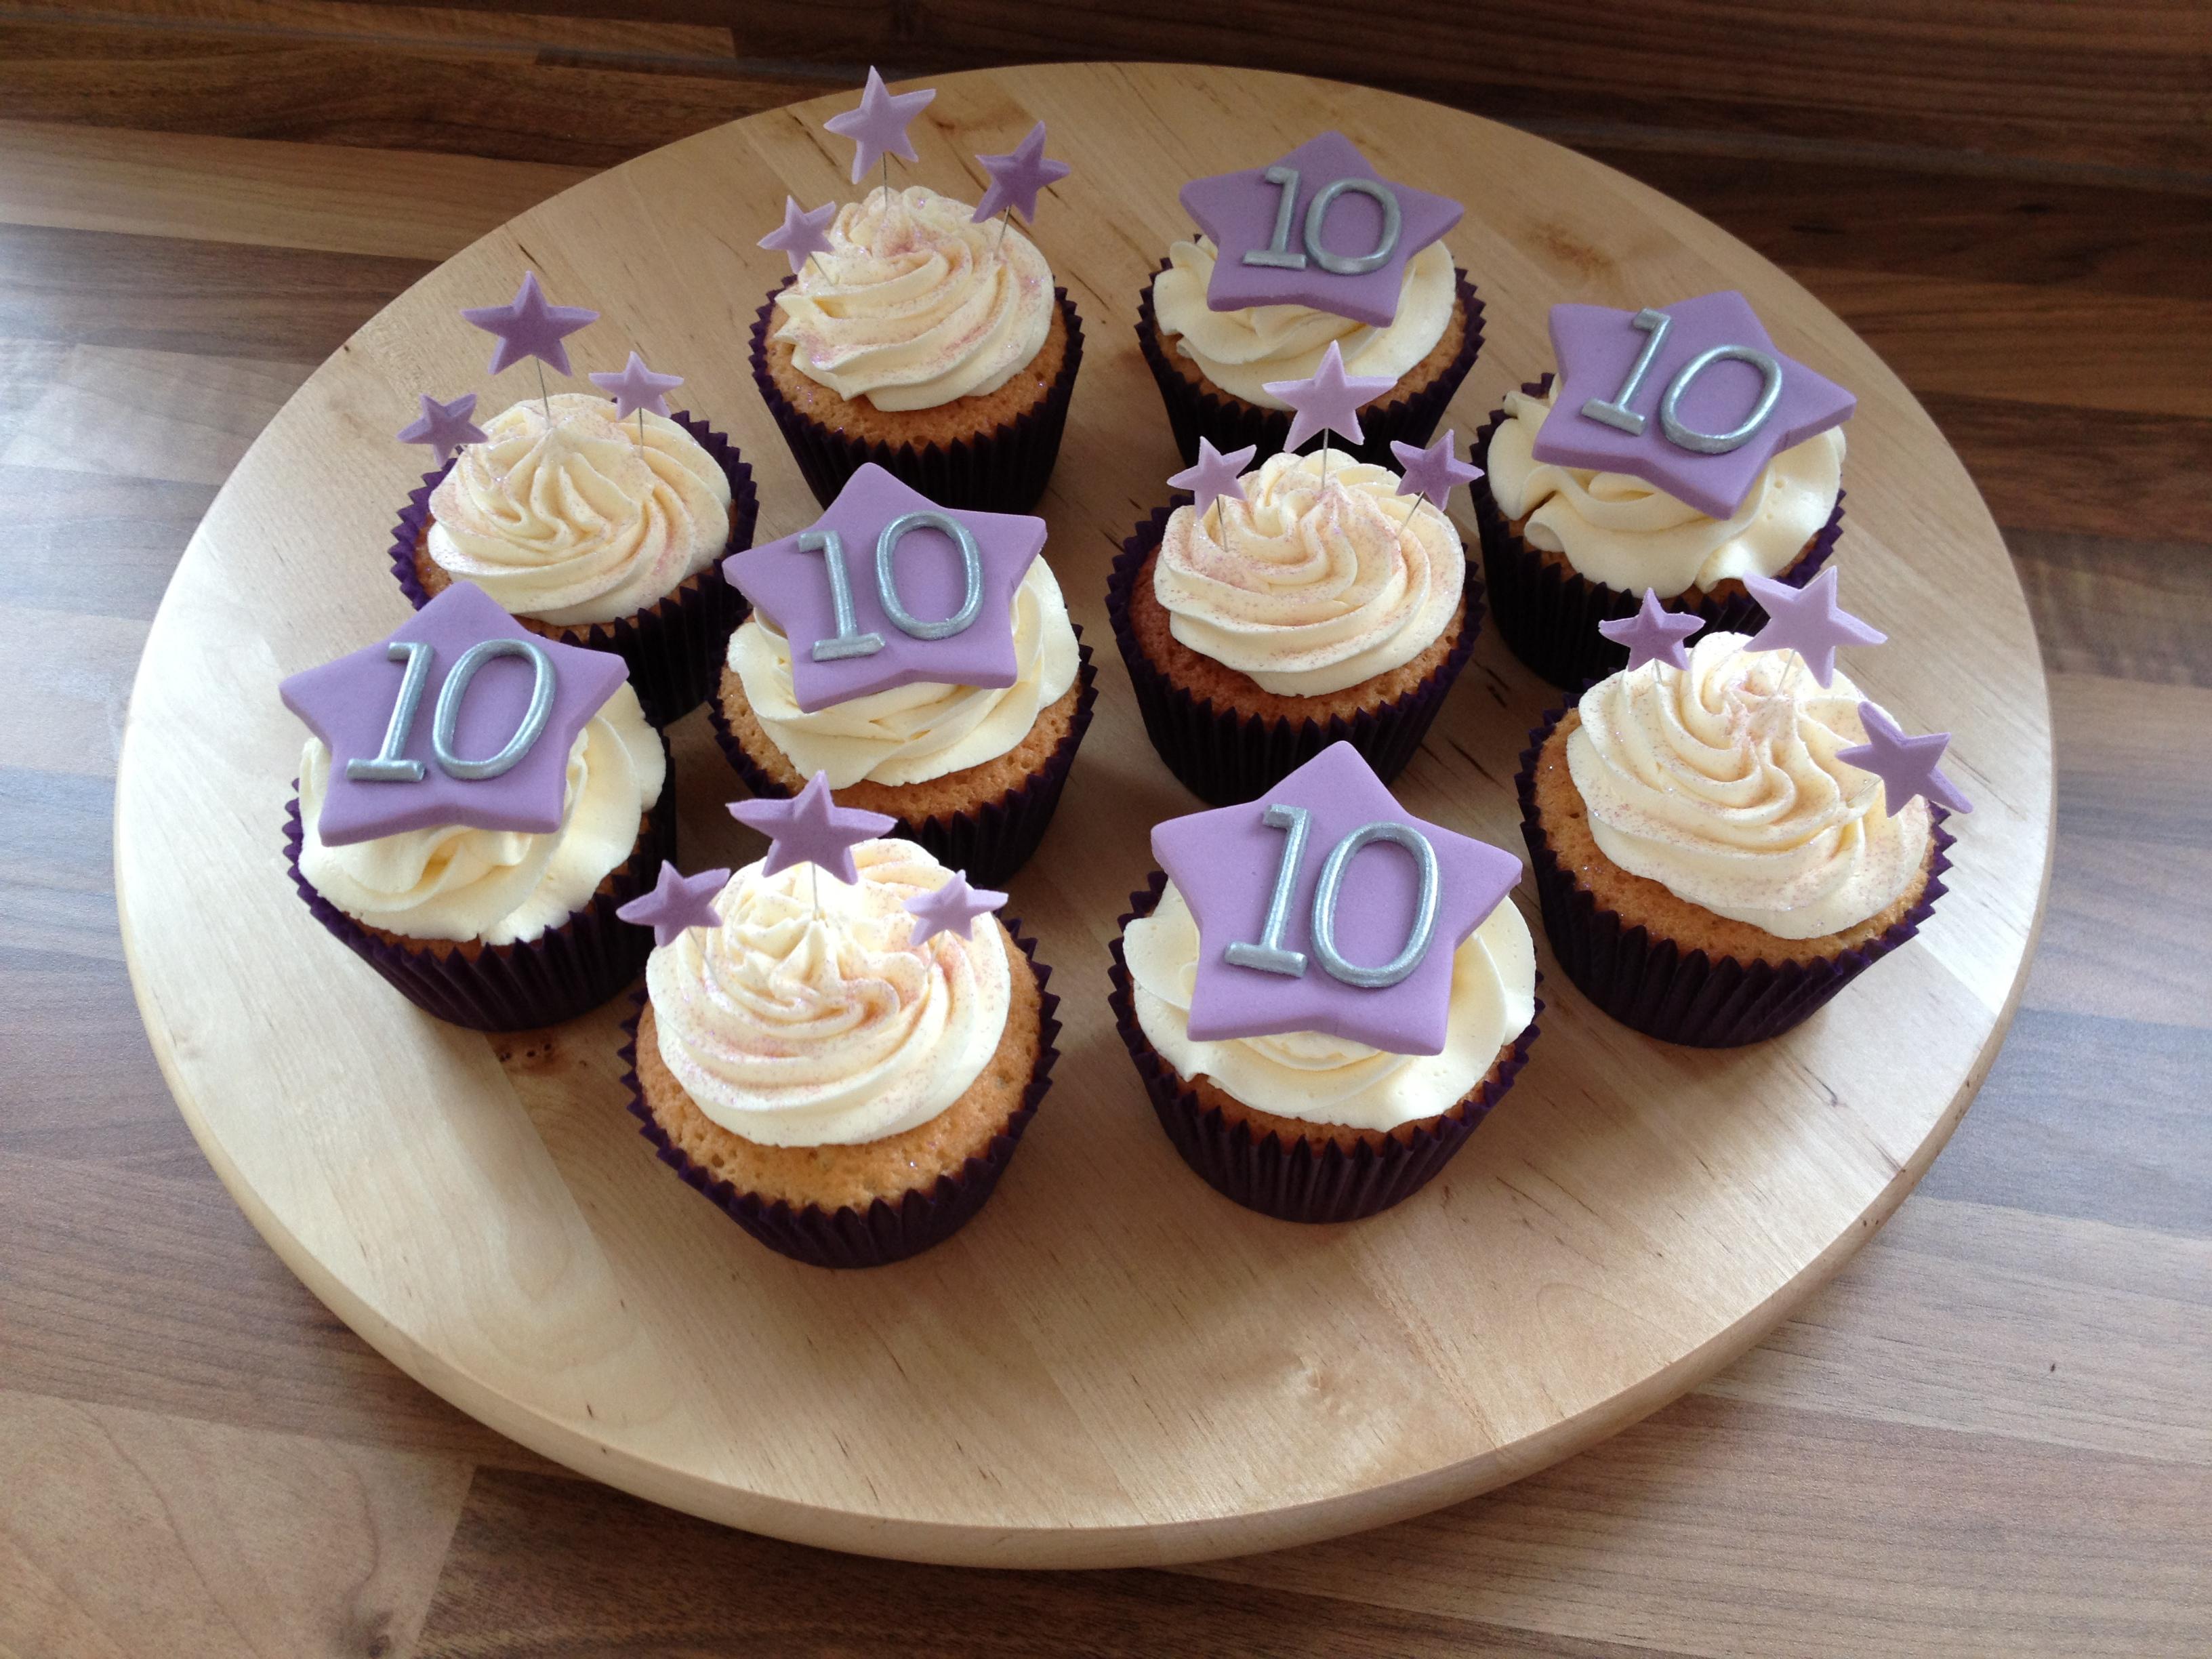 11 10 years anniversary cupcakes photo 10th wedding anniversary